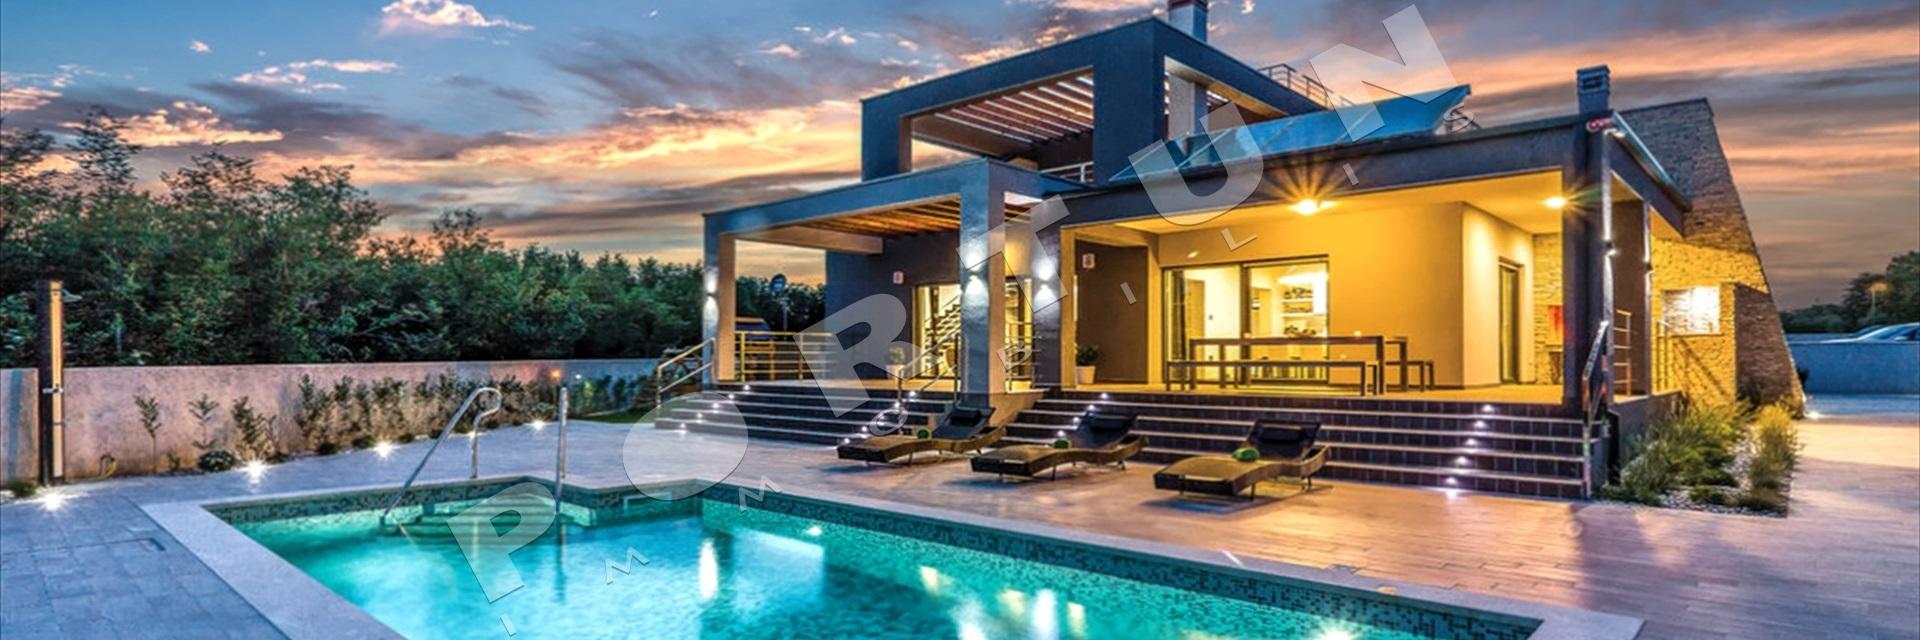 zeitlose villa mit sehr sch nem ausblick auf das meer in der n he von fa ana. Black Bedroom Furniture Sets. Home Design Ideas